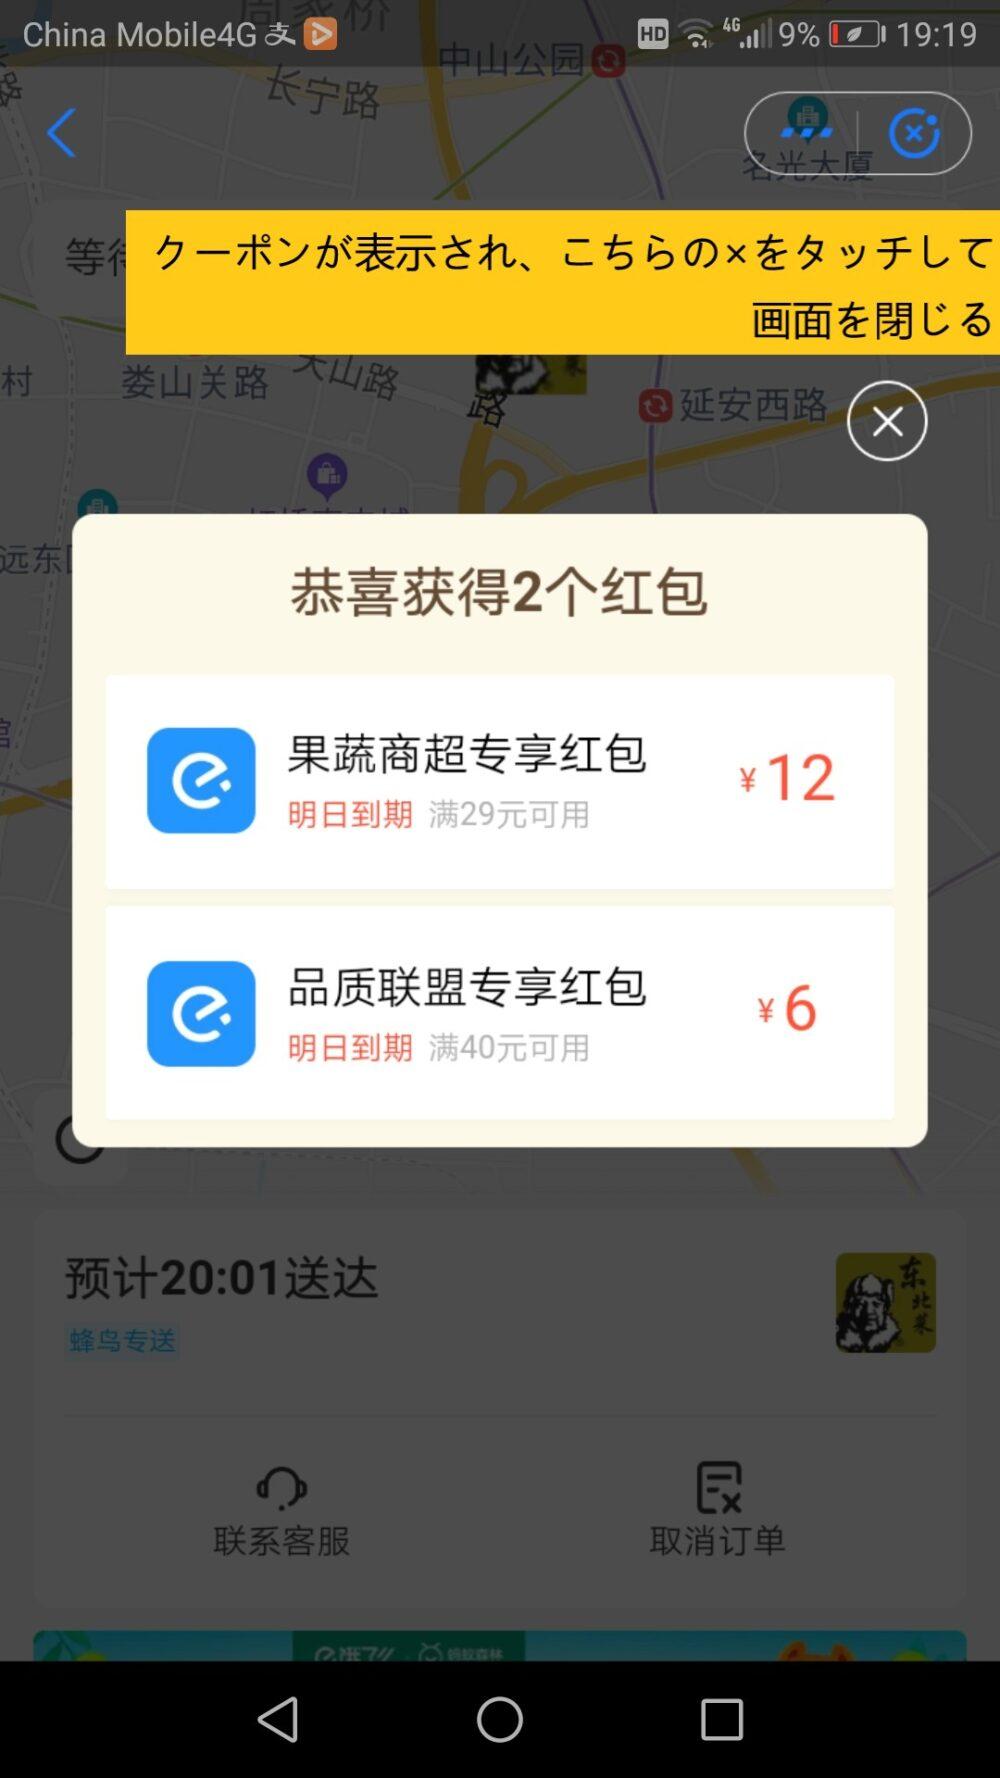 フードデリバリーアプリの饿了么で支払完了後クーポンが表示されるスクリーンショット